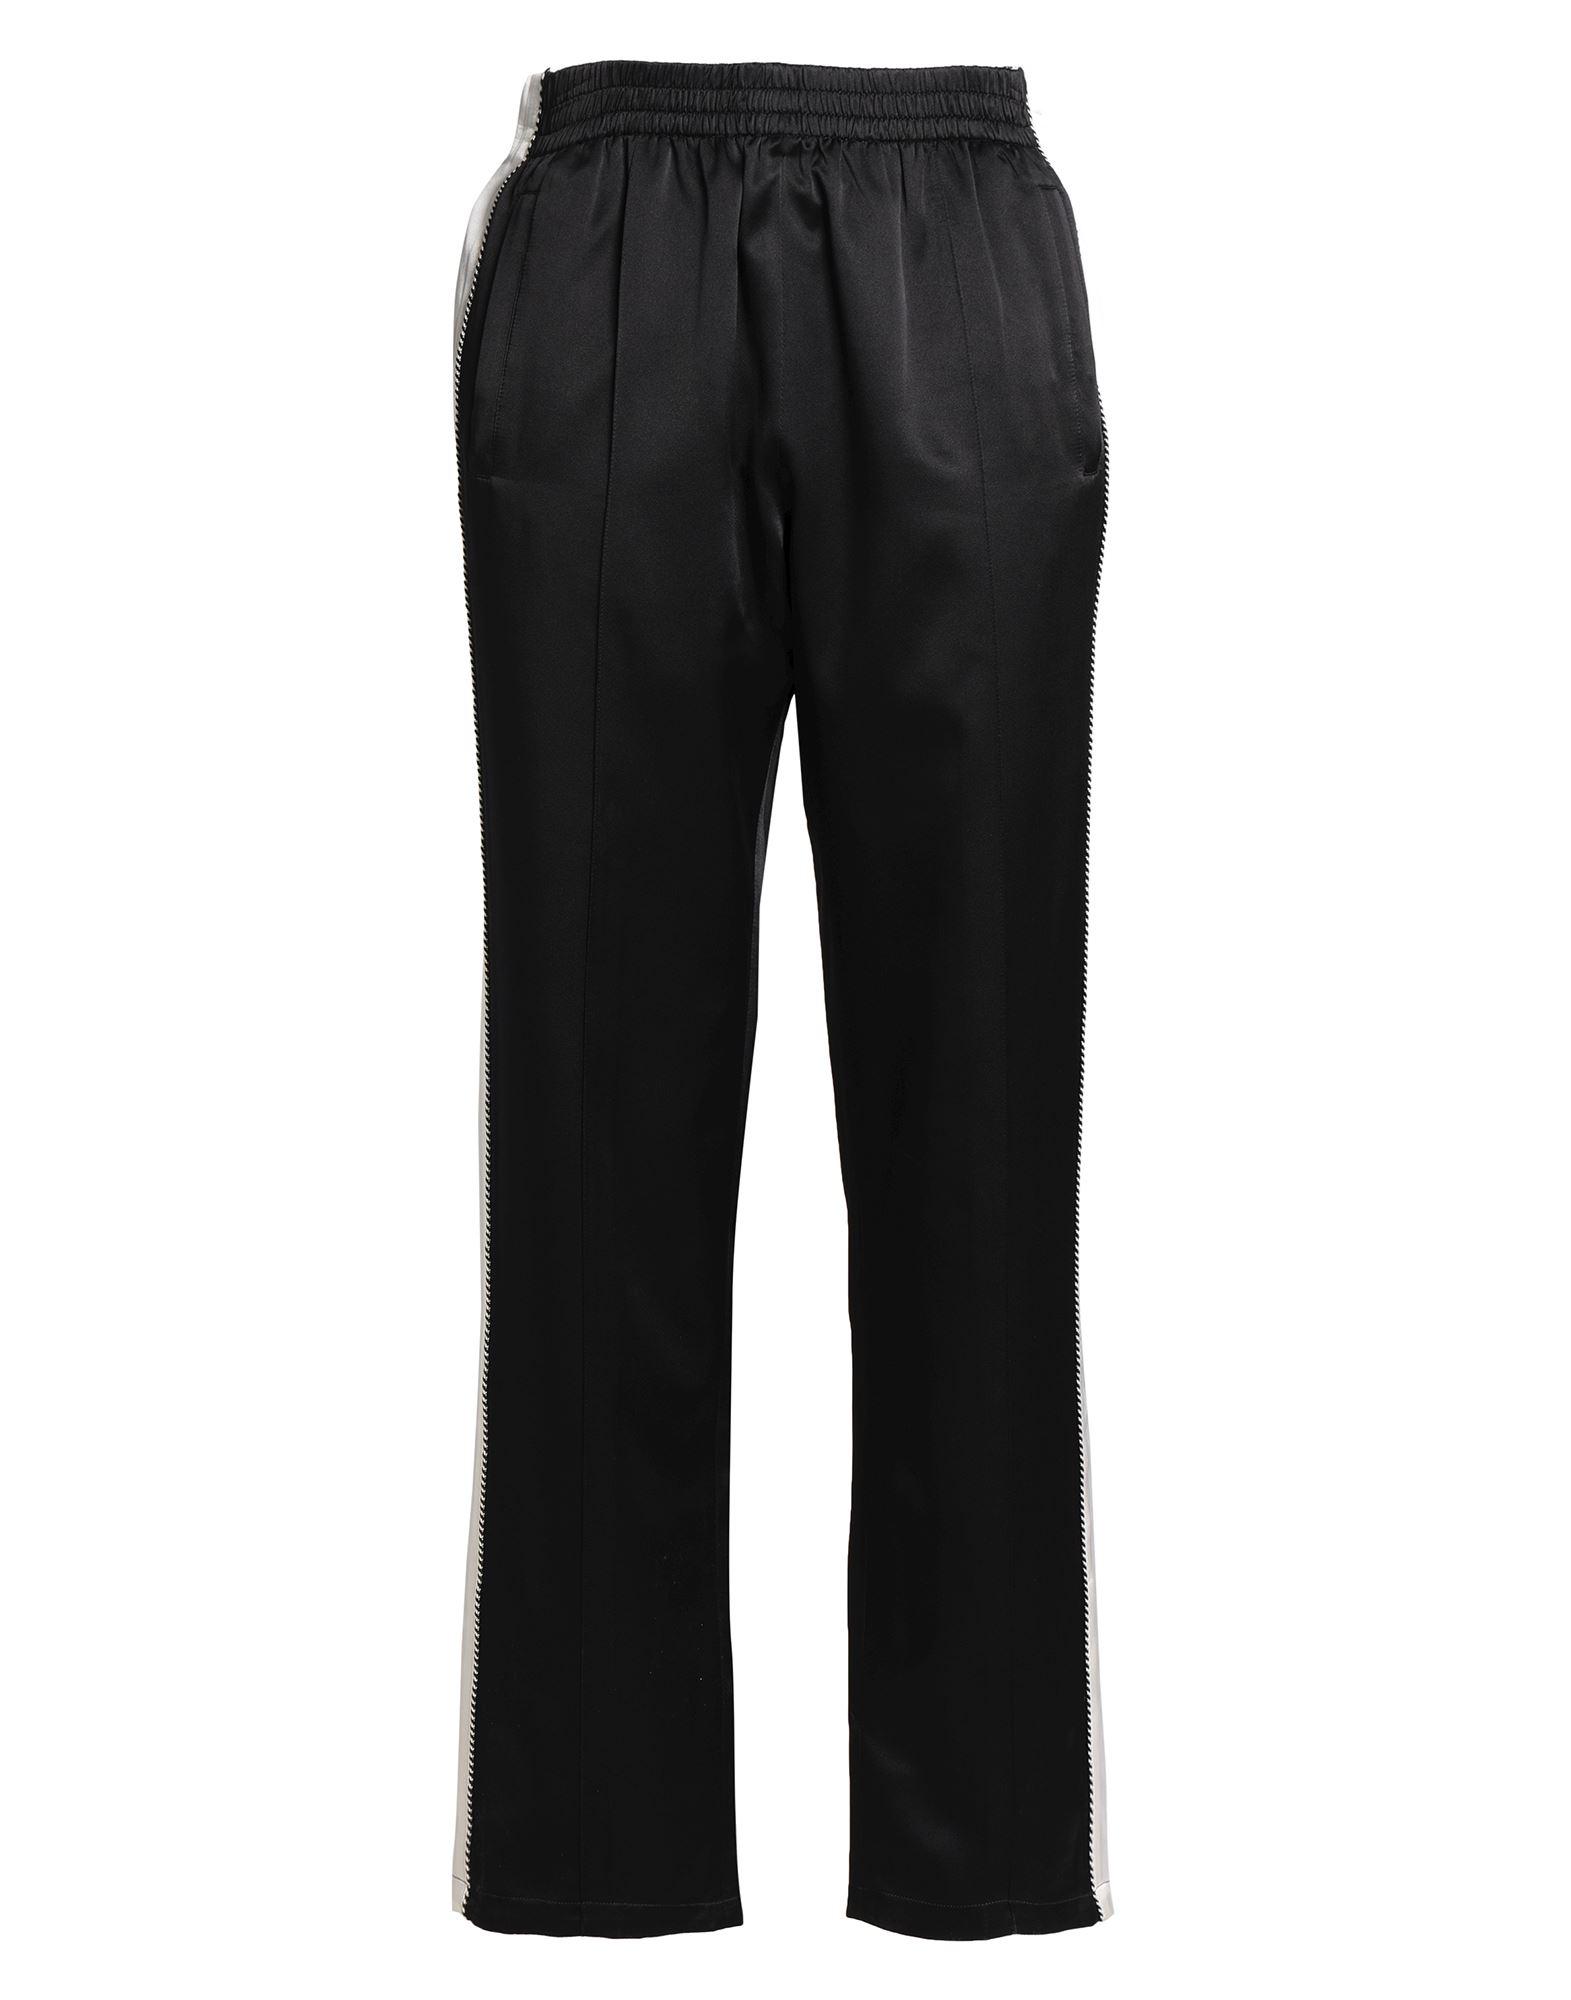 《送料無料》OPENING CEREMONY レディース パンツ ブラック XS シルク 100%